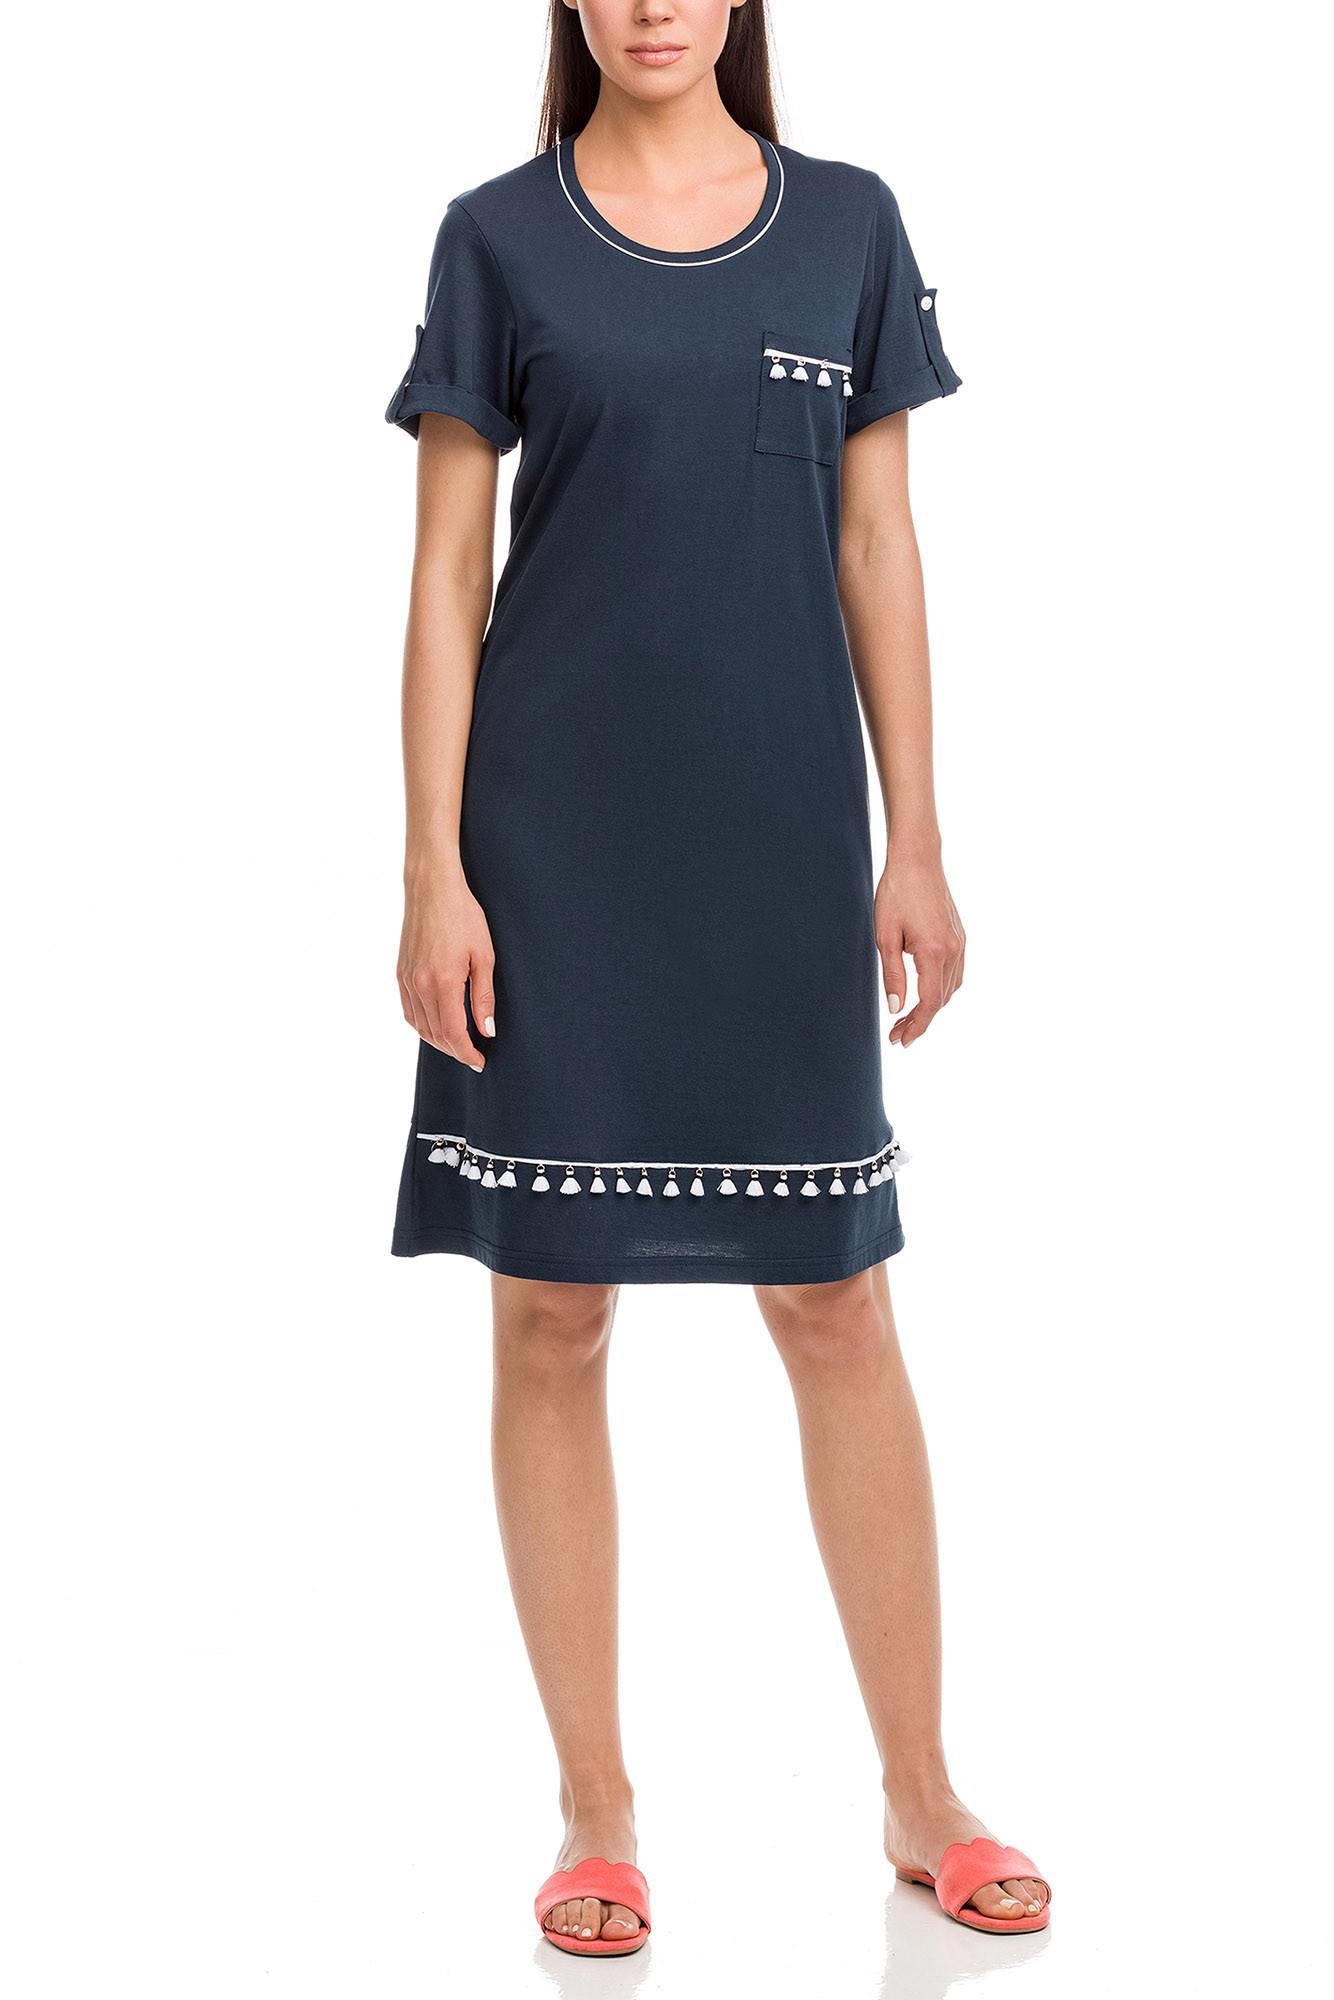 Vamp - Dámske šaty 12595 - Vamp blue oxford l